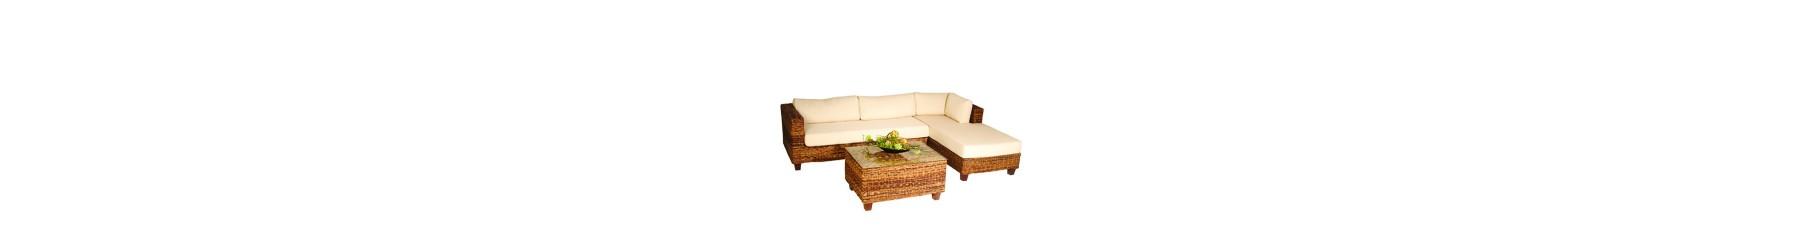 Σαλόνια και καθιστικά Bamboo υψηλής ποιότητας σε κλασσικό σχεδιασμό.